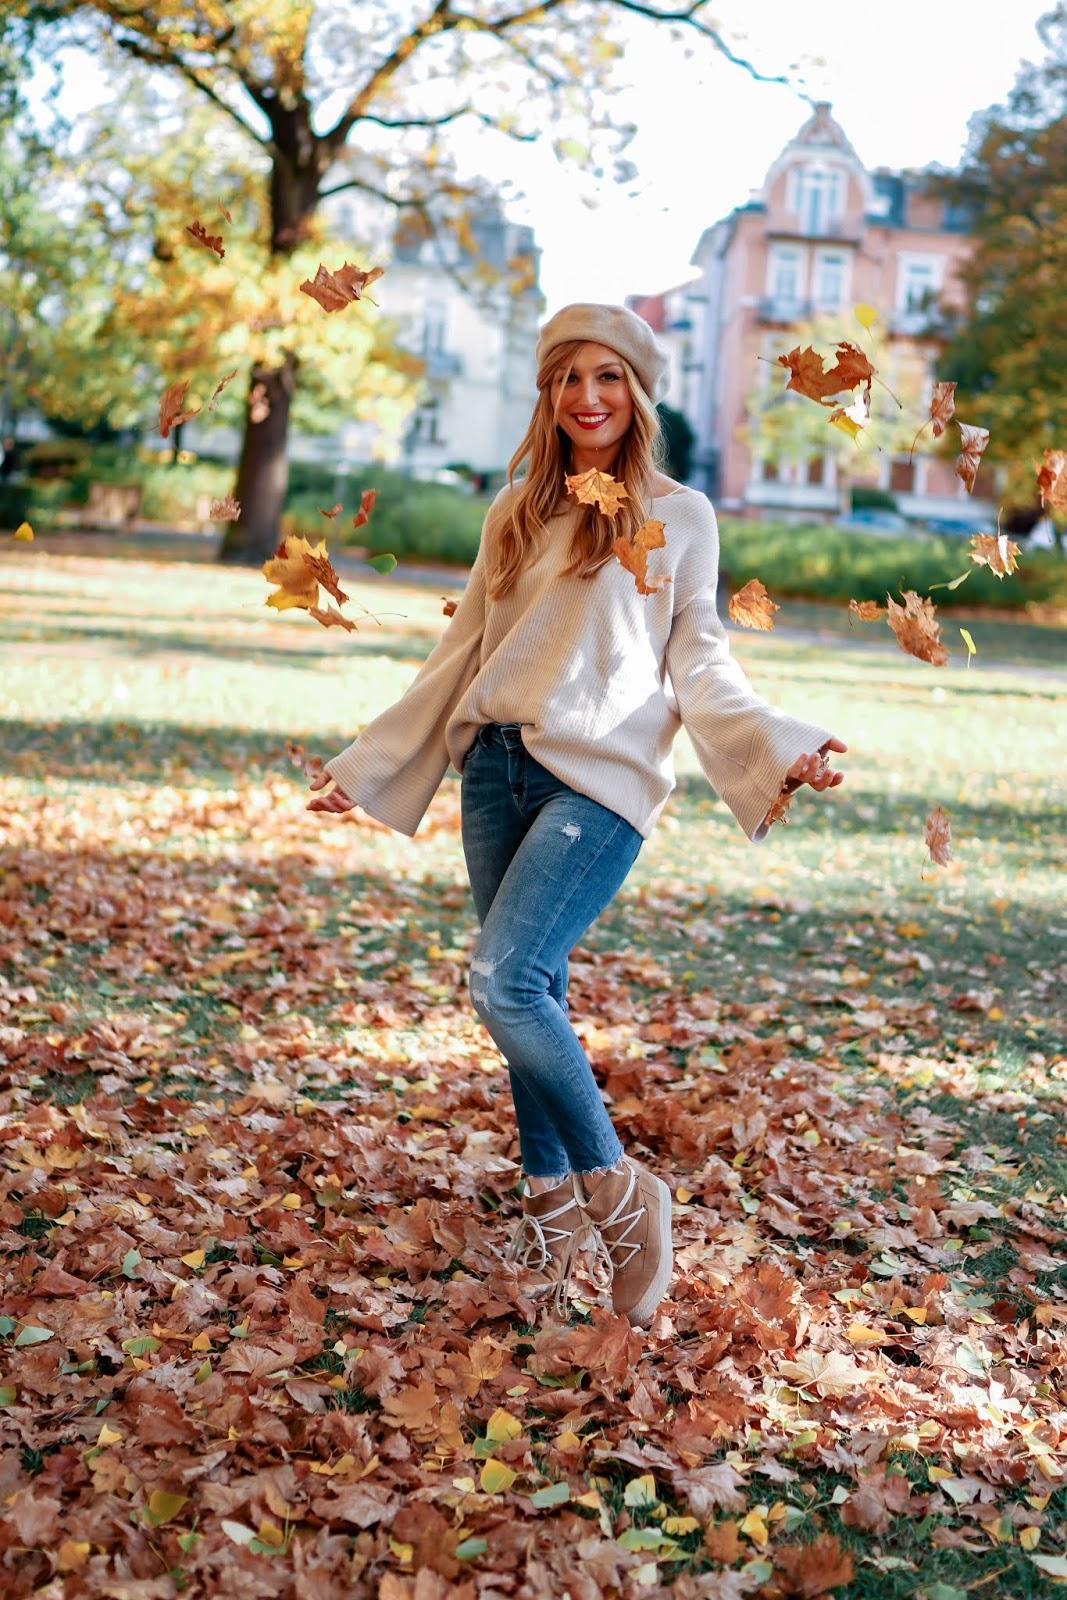 Casual-Outfit-gemütlicher-look-was-zieht-man-im-Winter-an-fashionstylebyjohanna